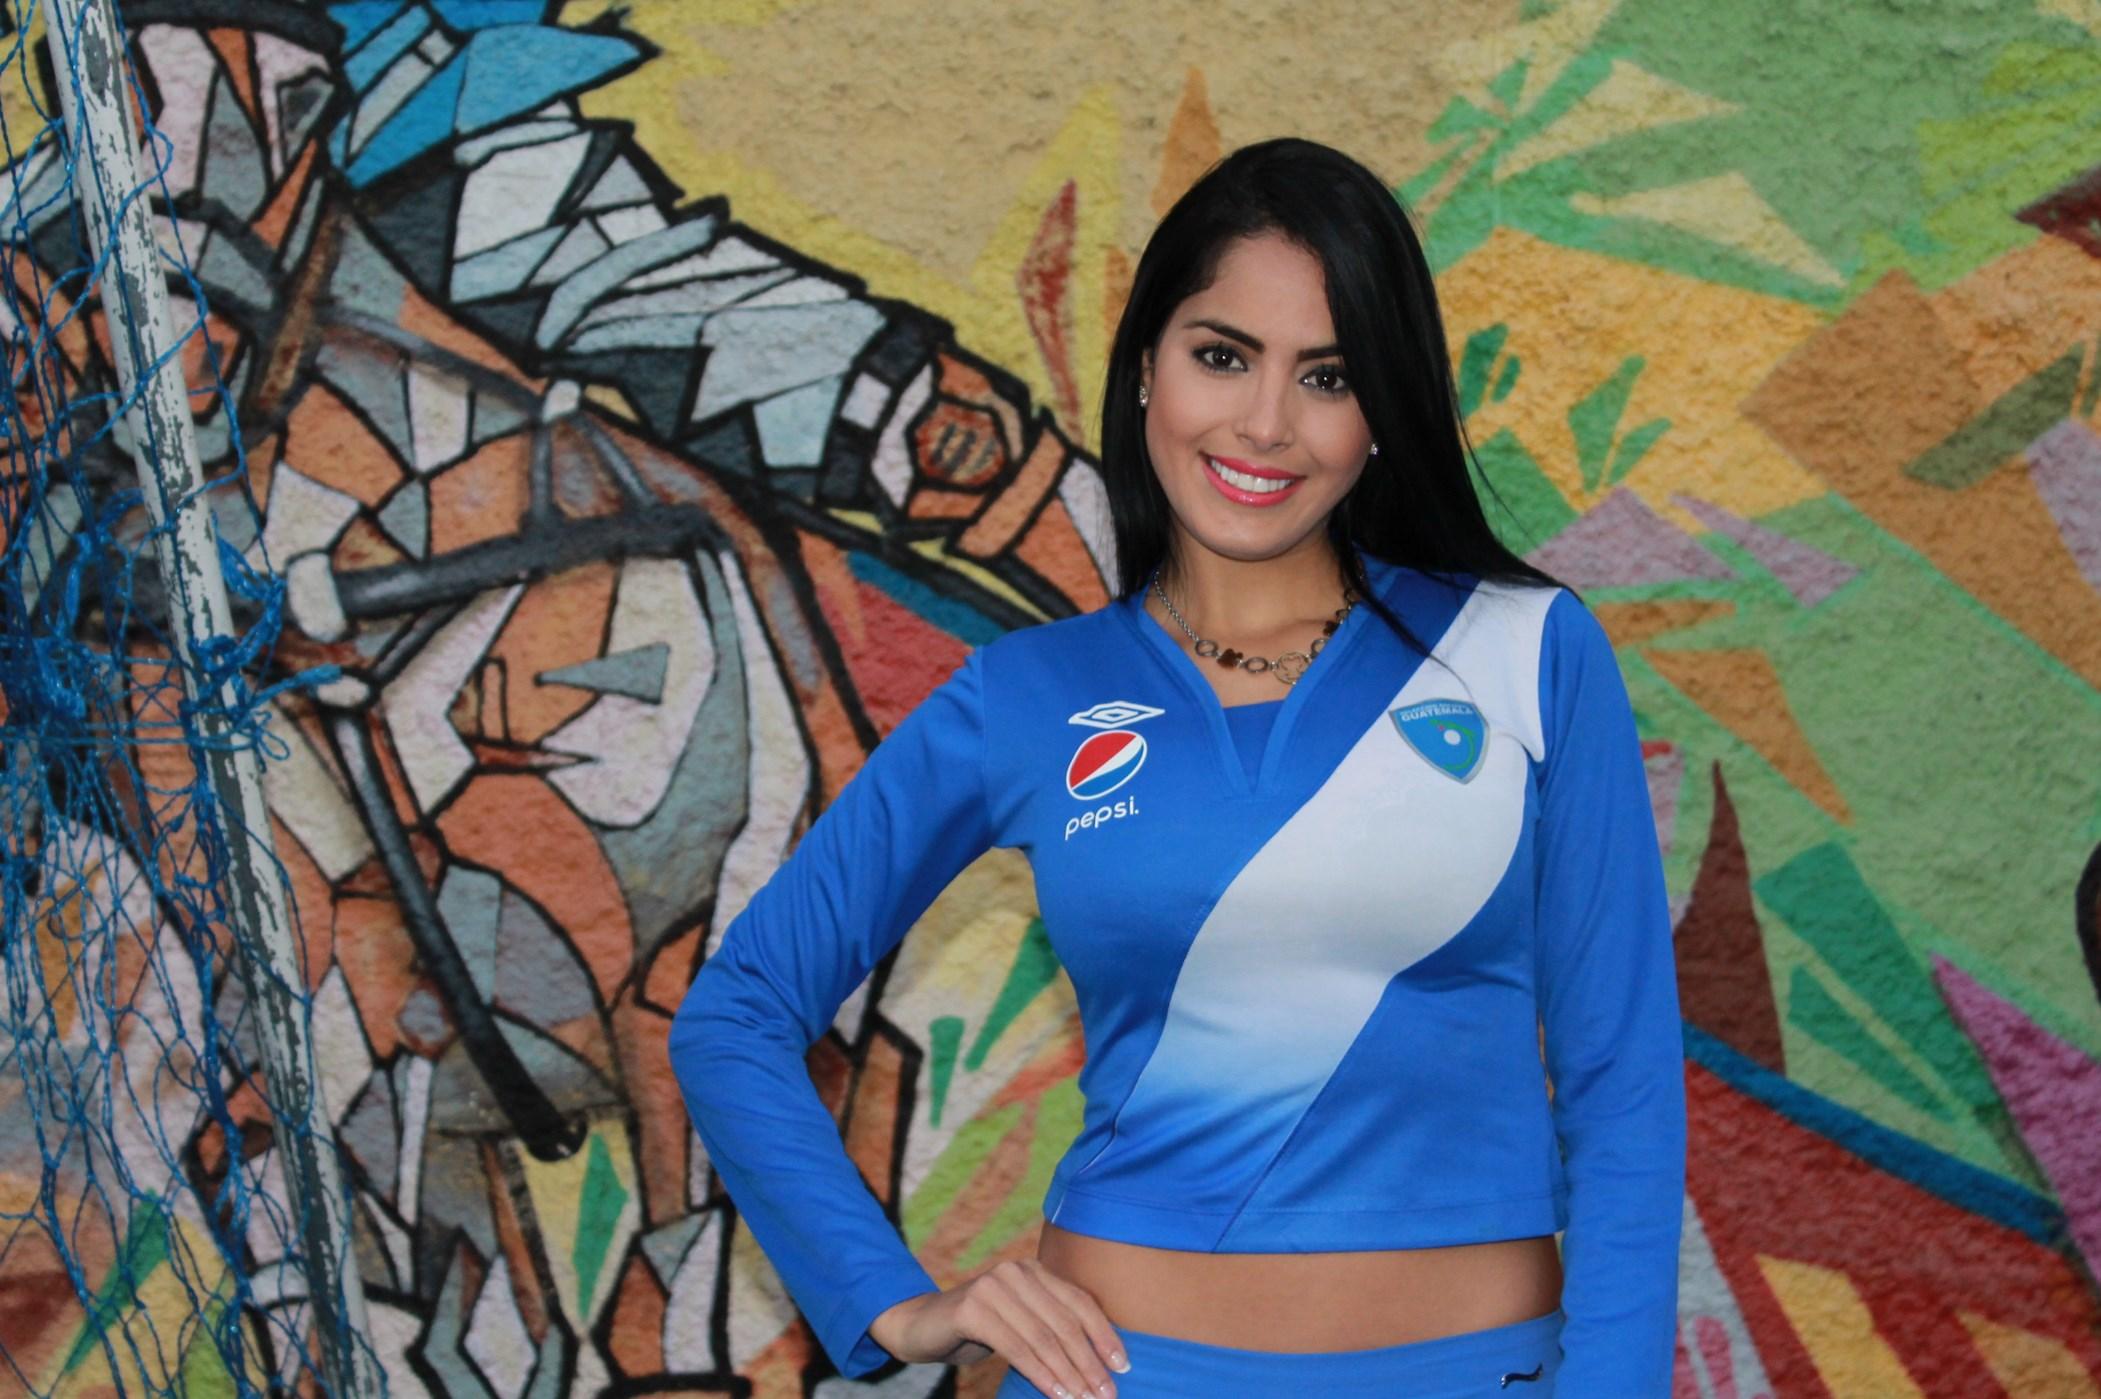 Selección lista para partir al Mundial 2016, Astrid los apoya